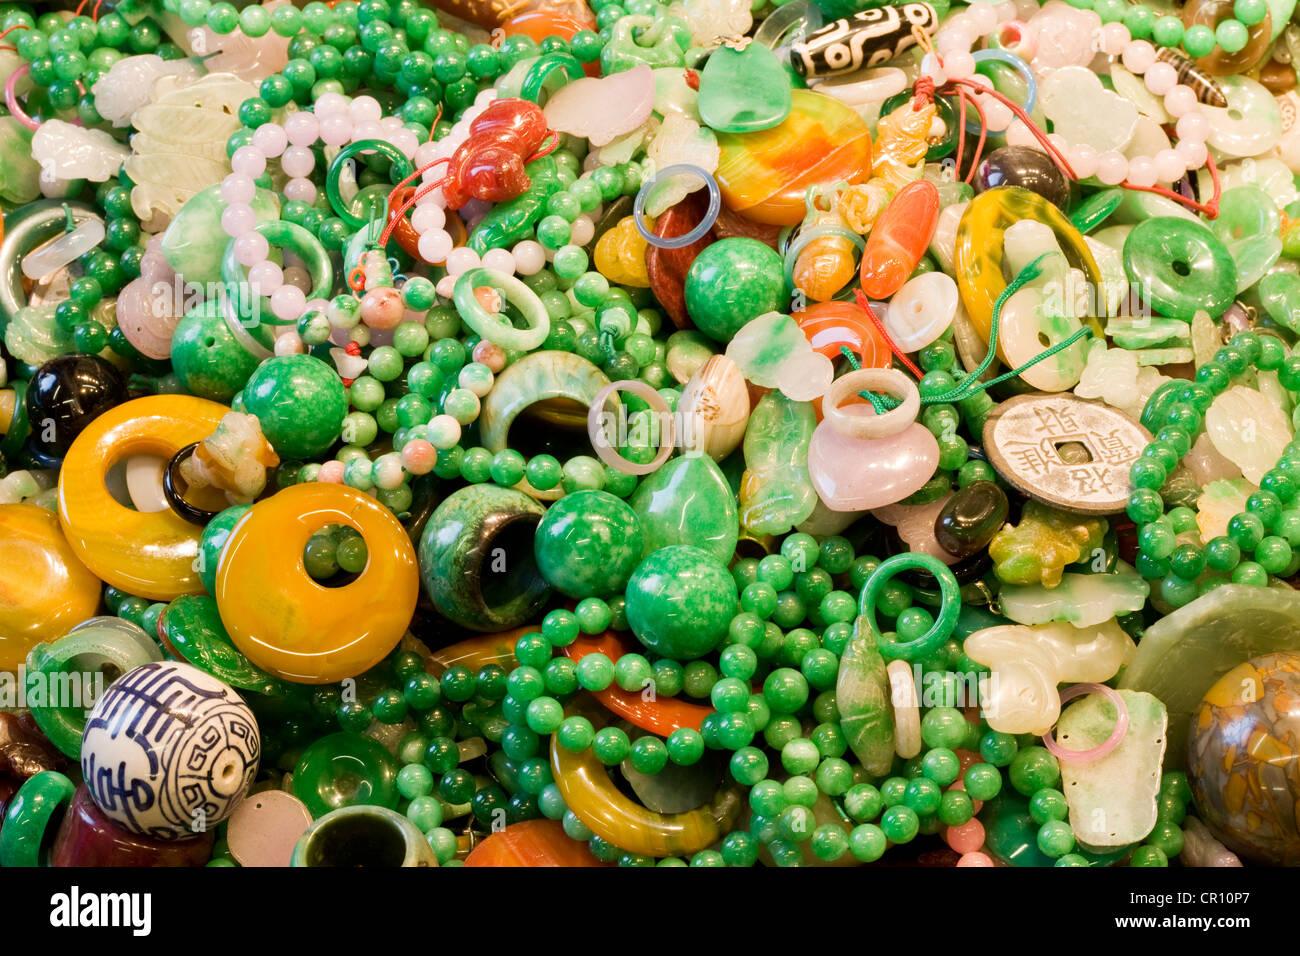 China, Hong Kong, Kowloon, Jade market, Jade souvenir - Stock Image